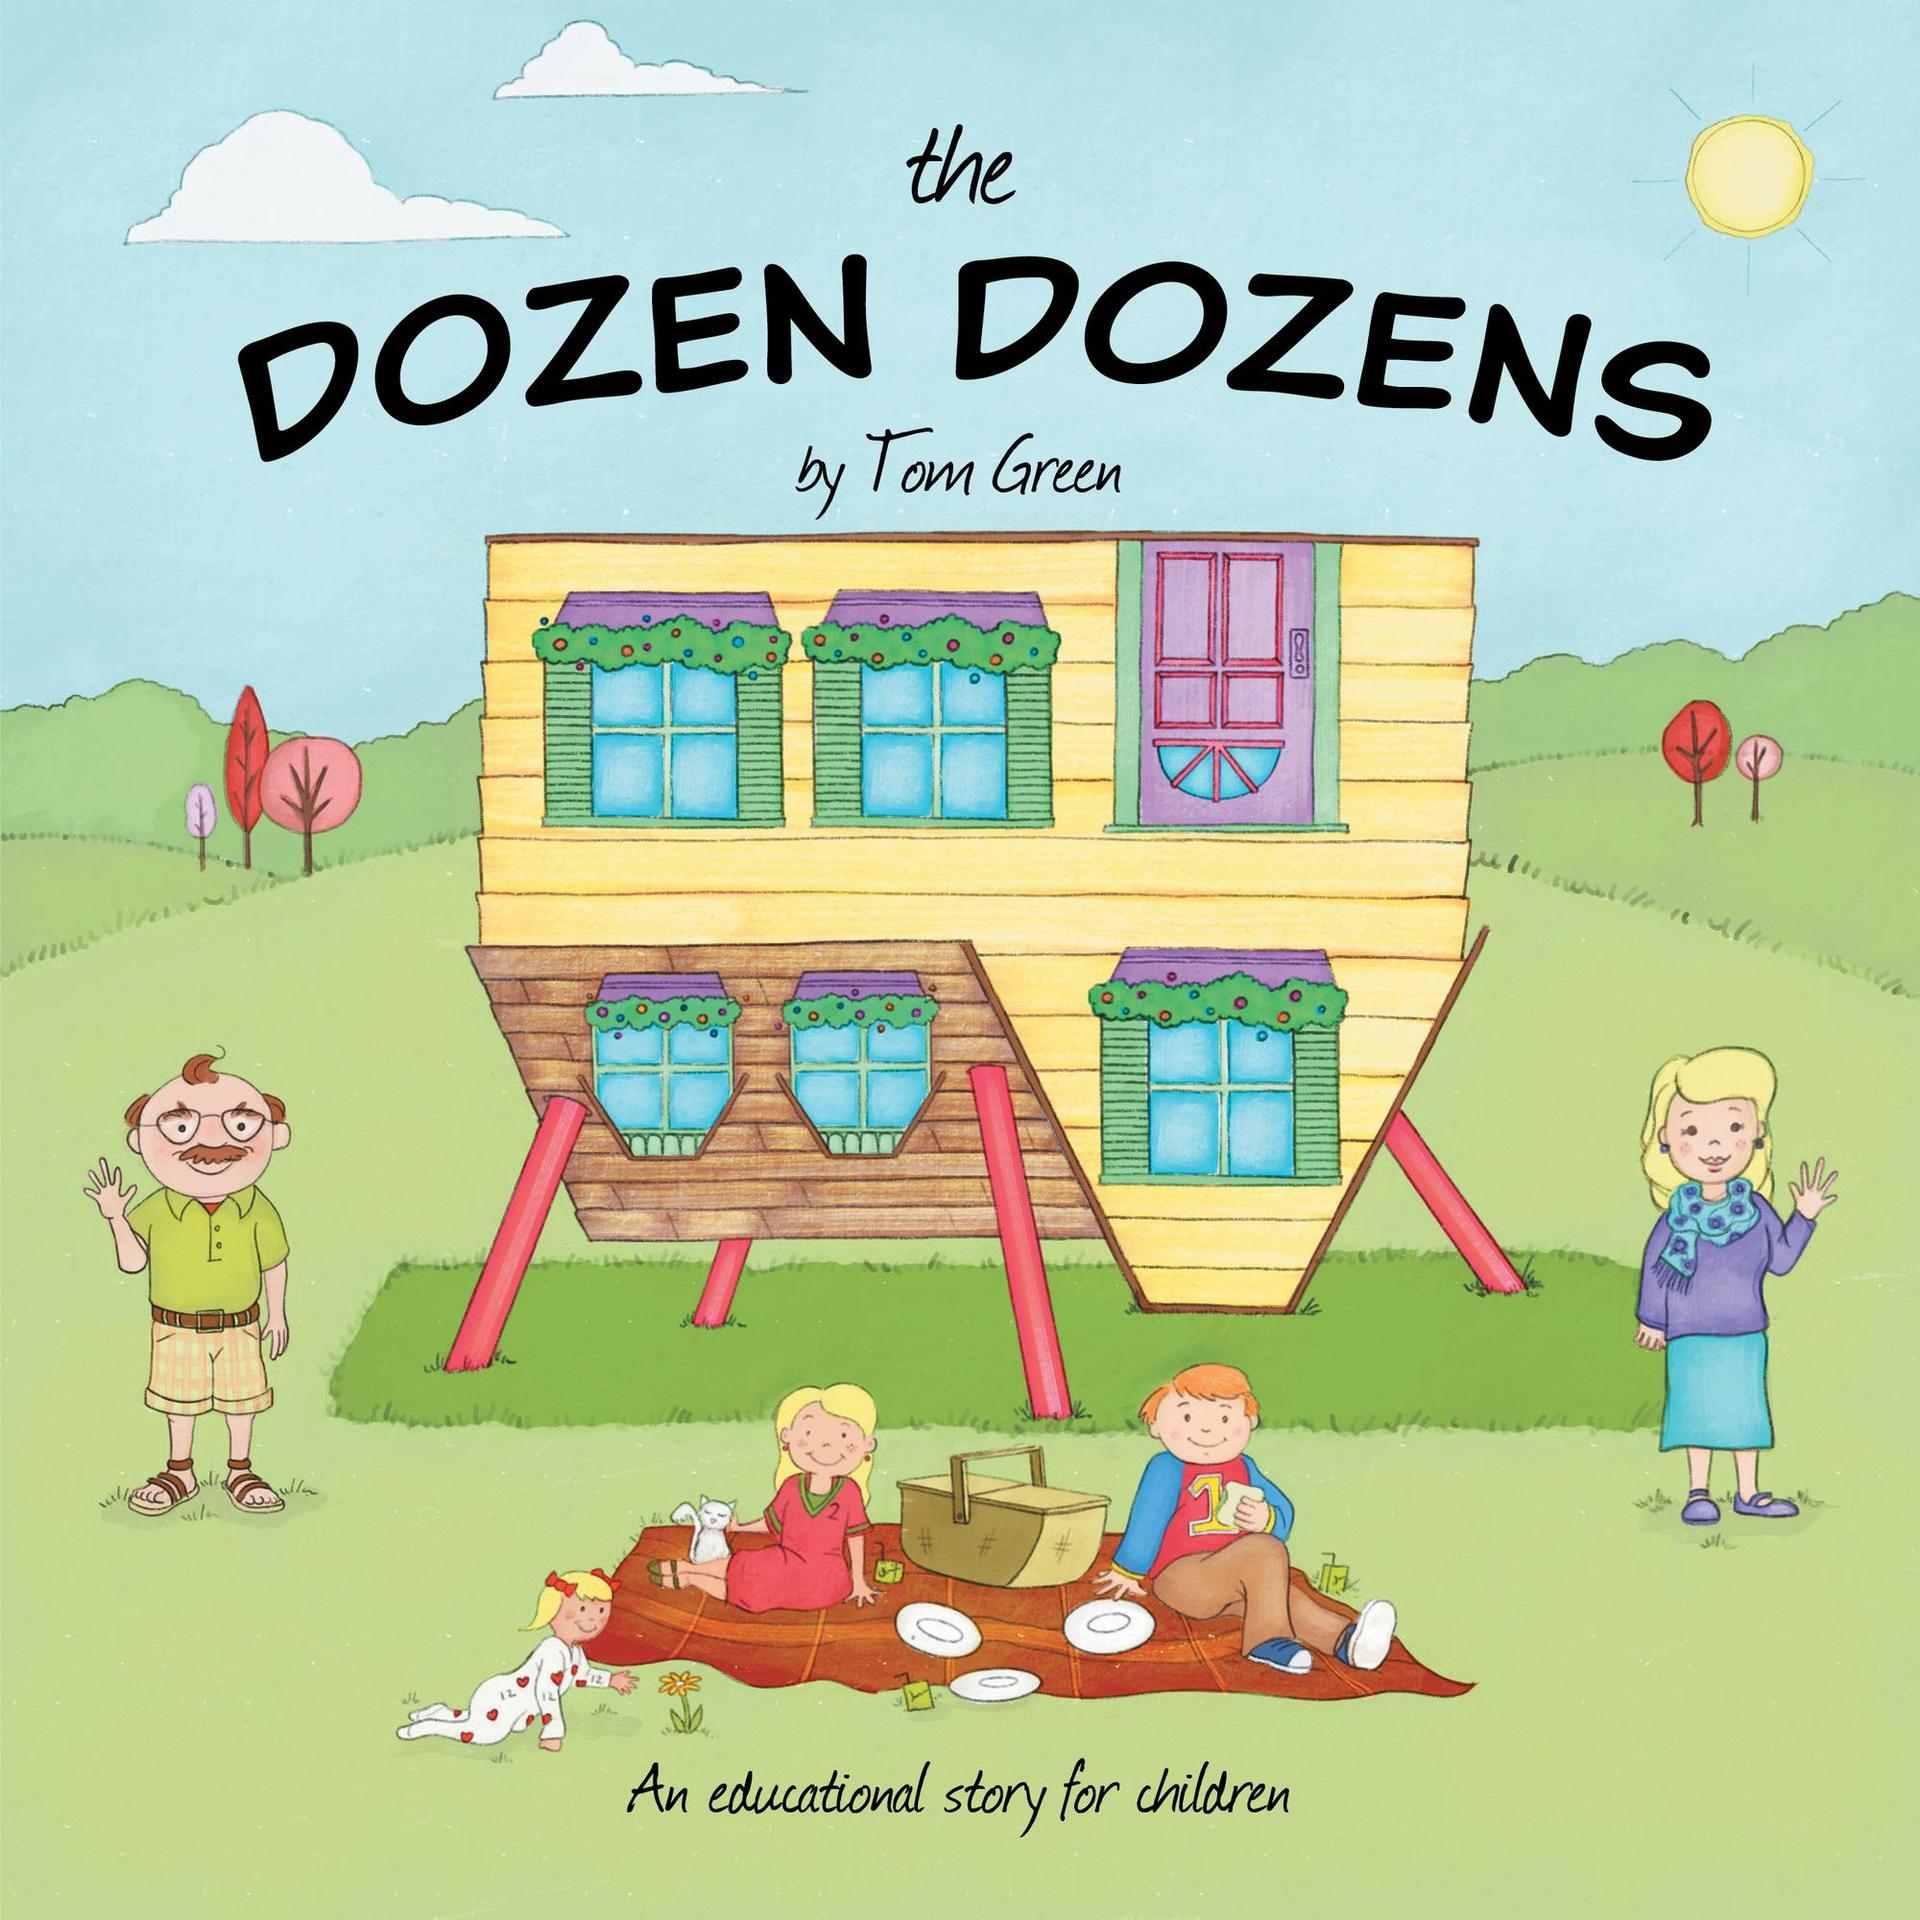 TheDozenDozens_JPRoberts.jpeg